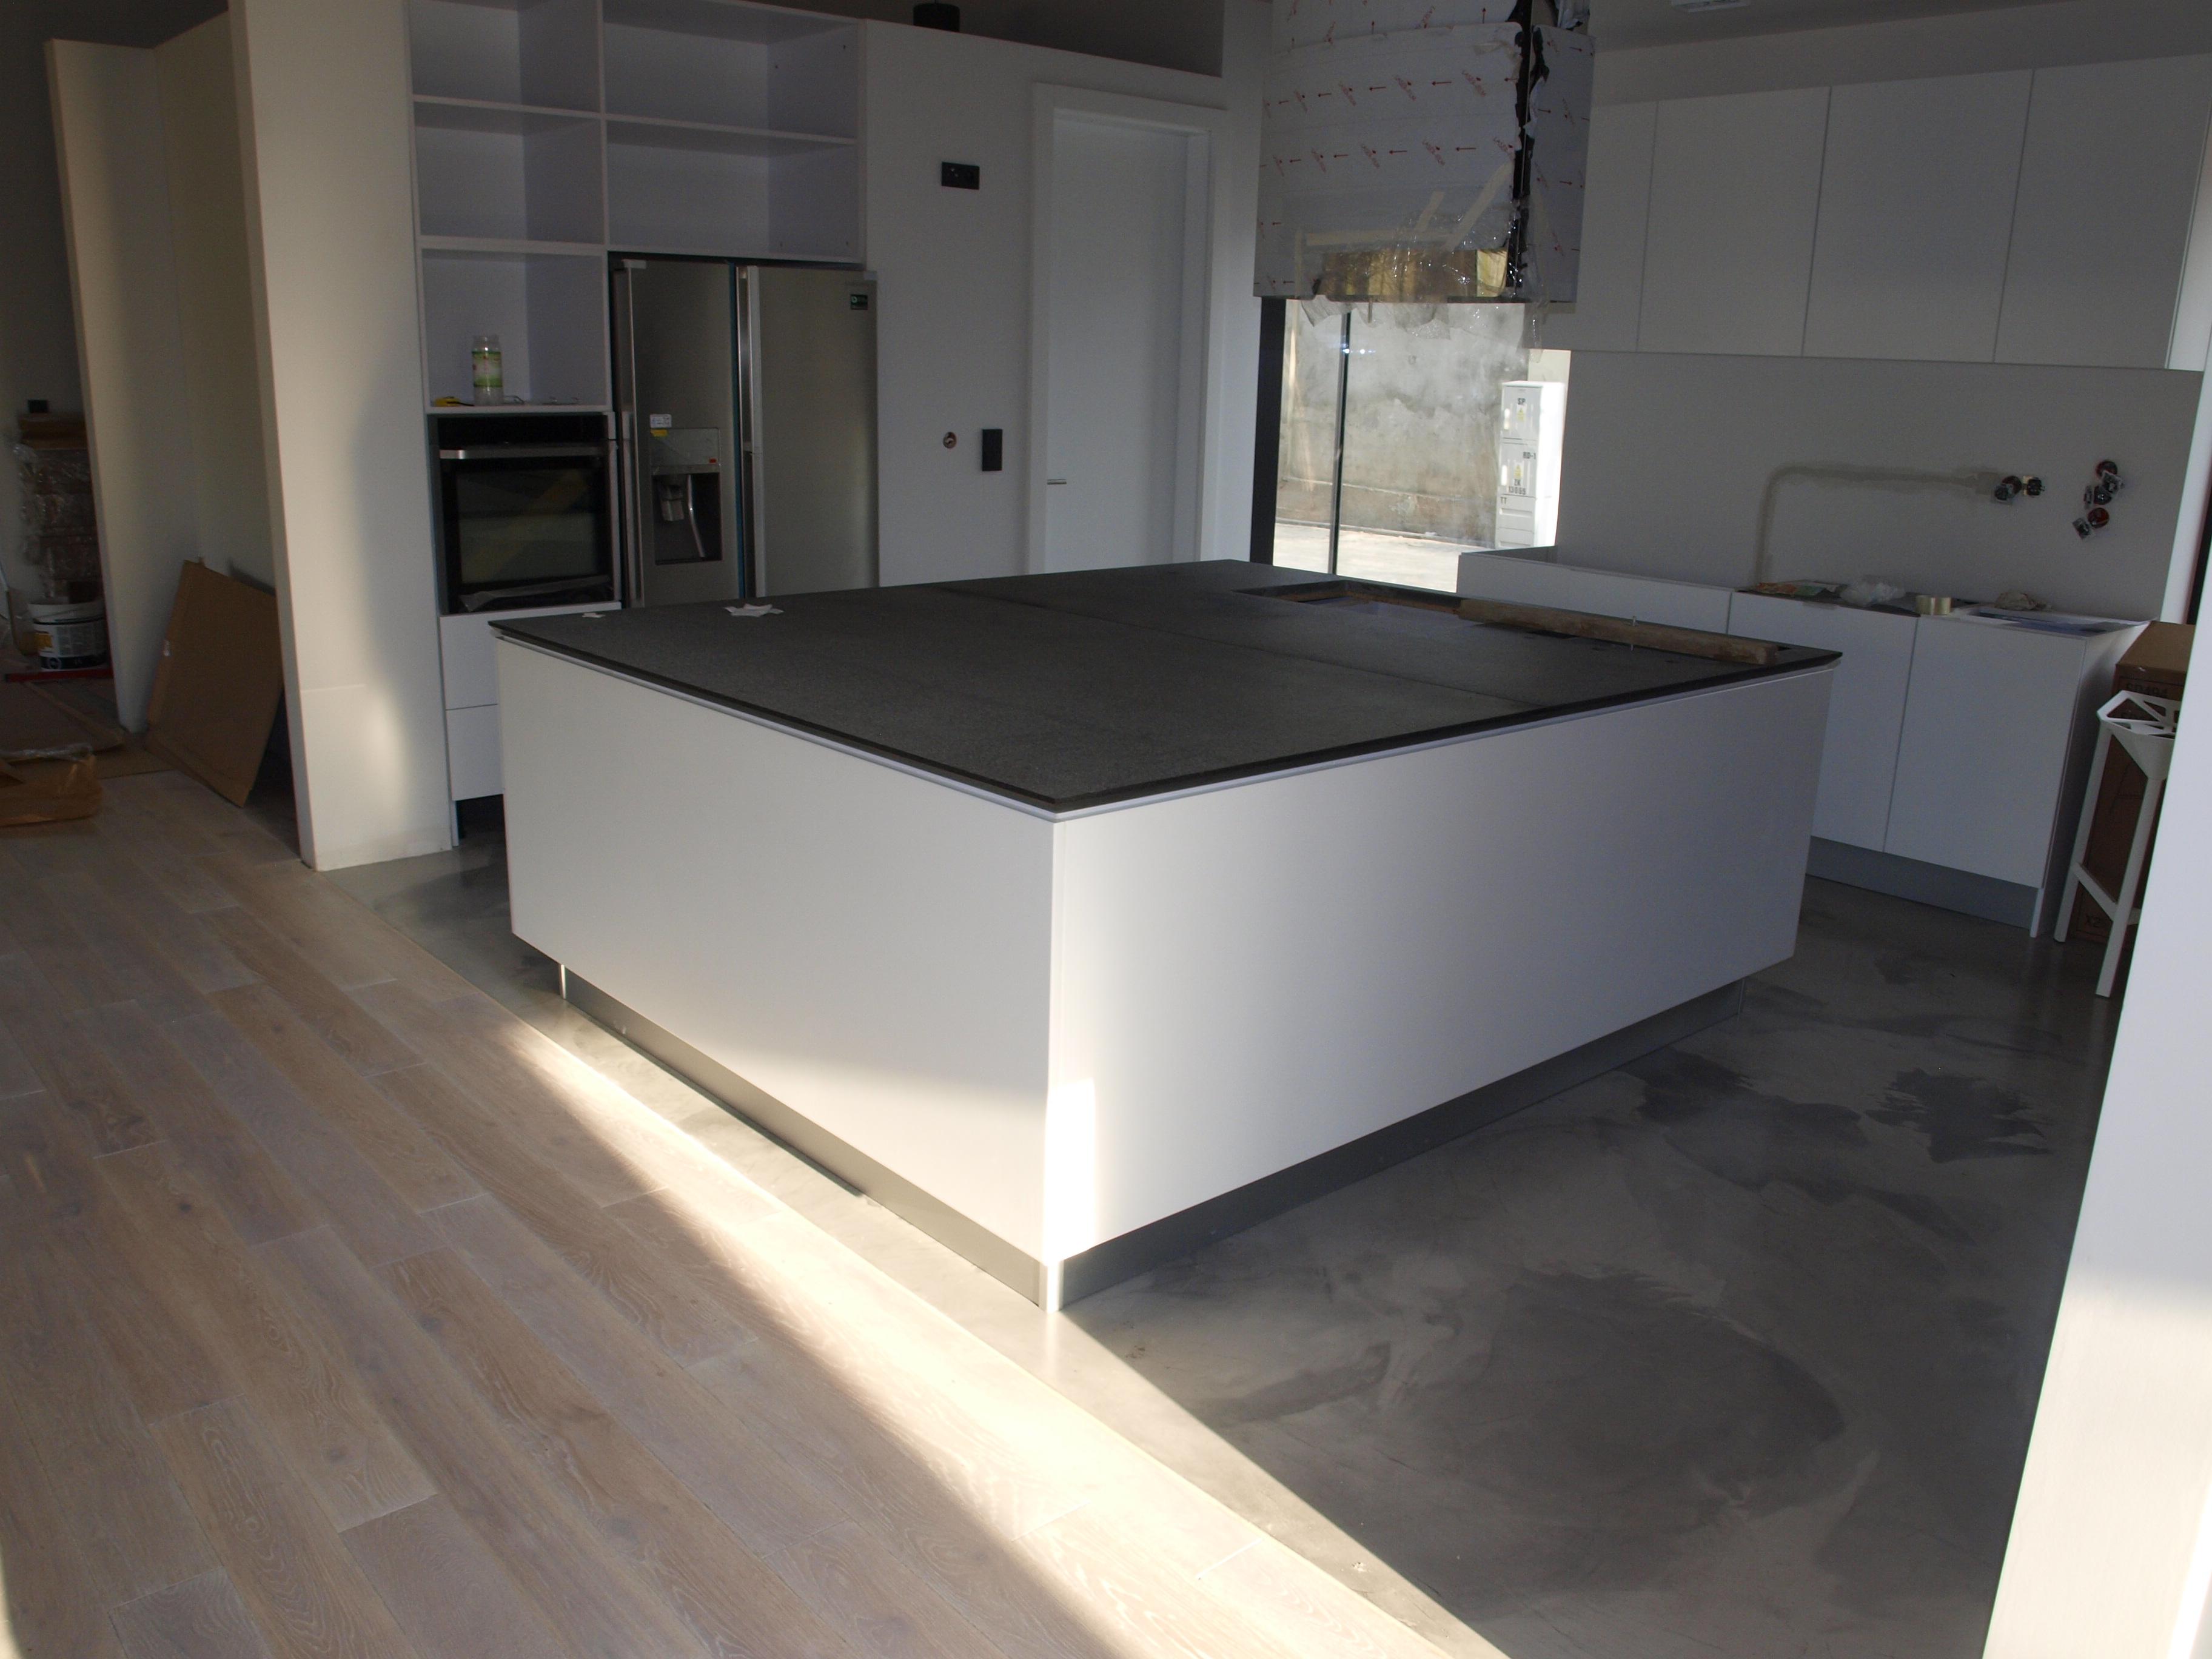 beton dekoracyjny na kuchennej podłodze w prywatnym domu